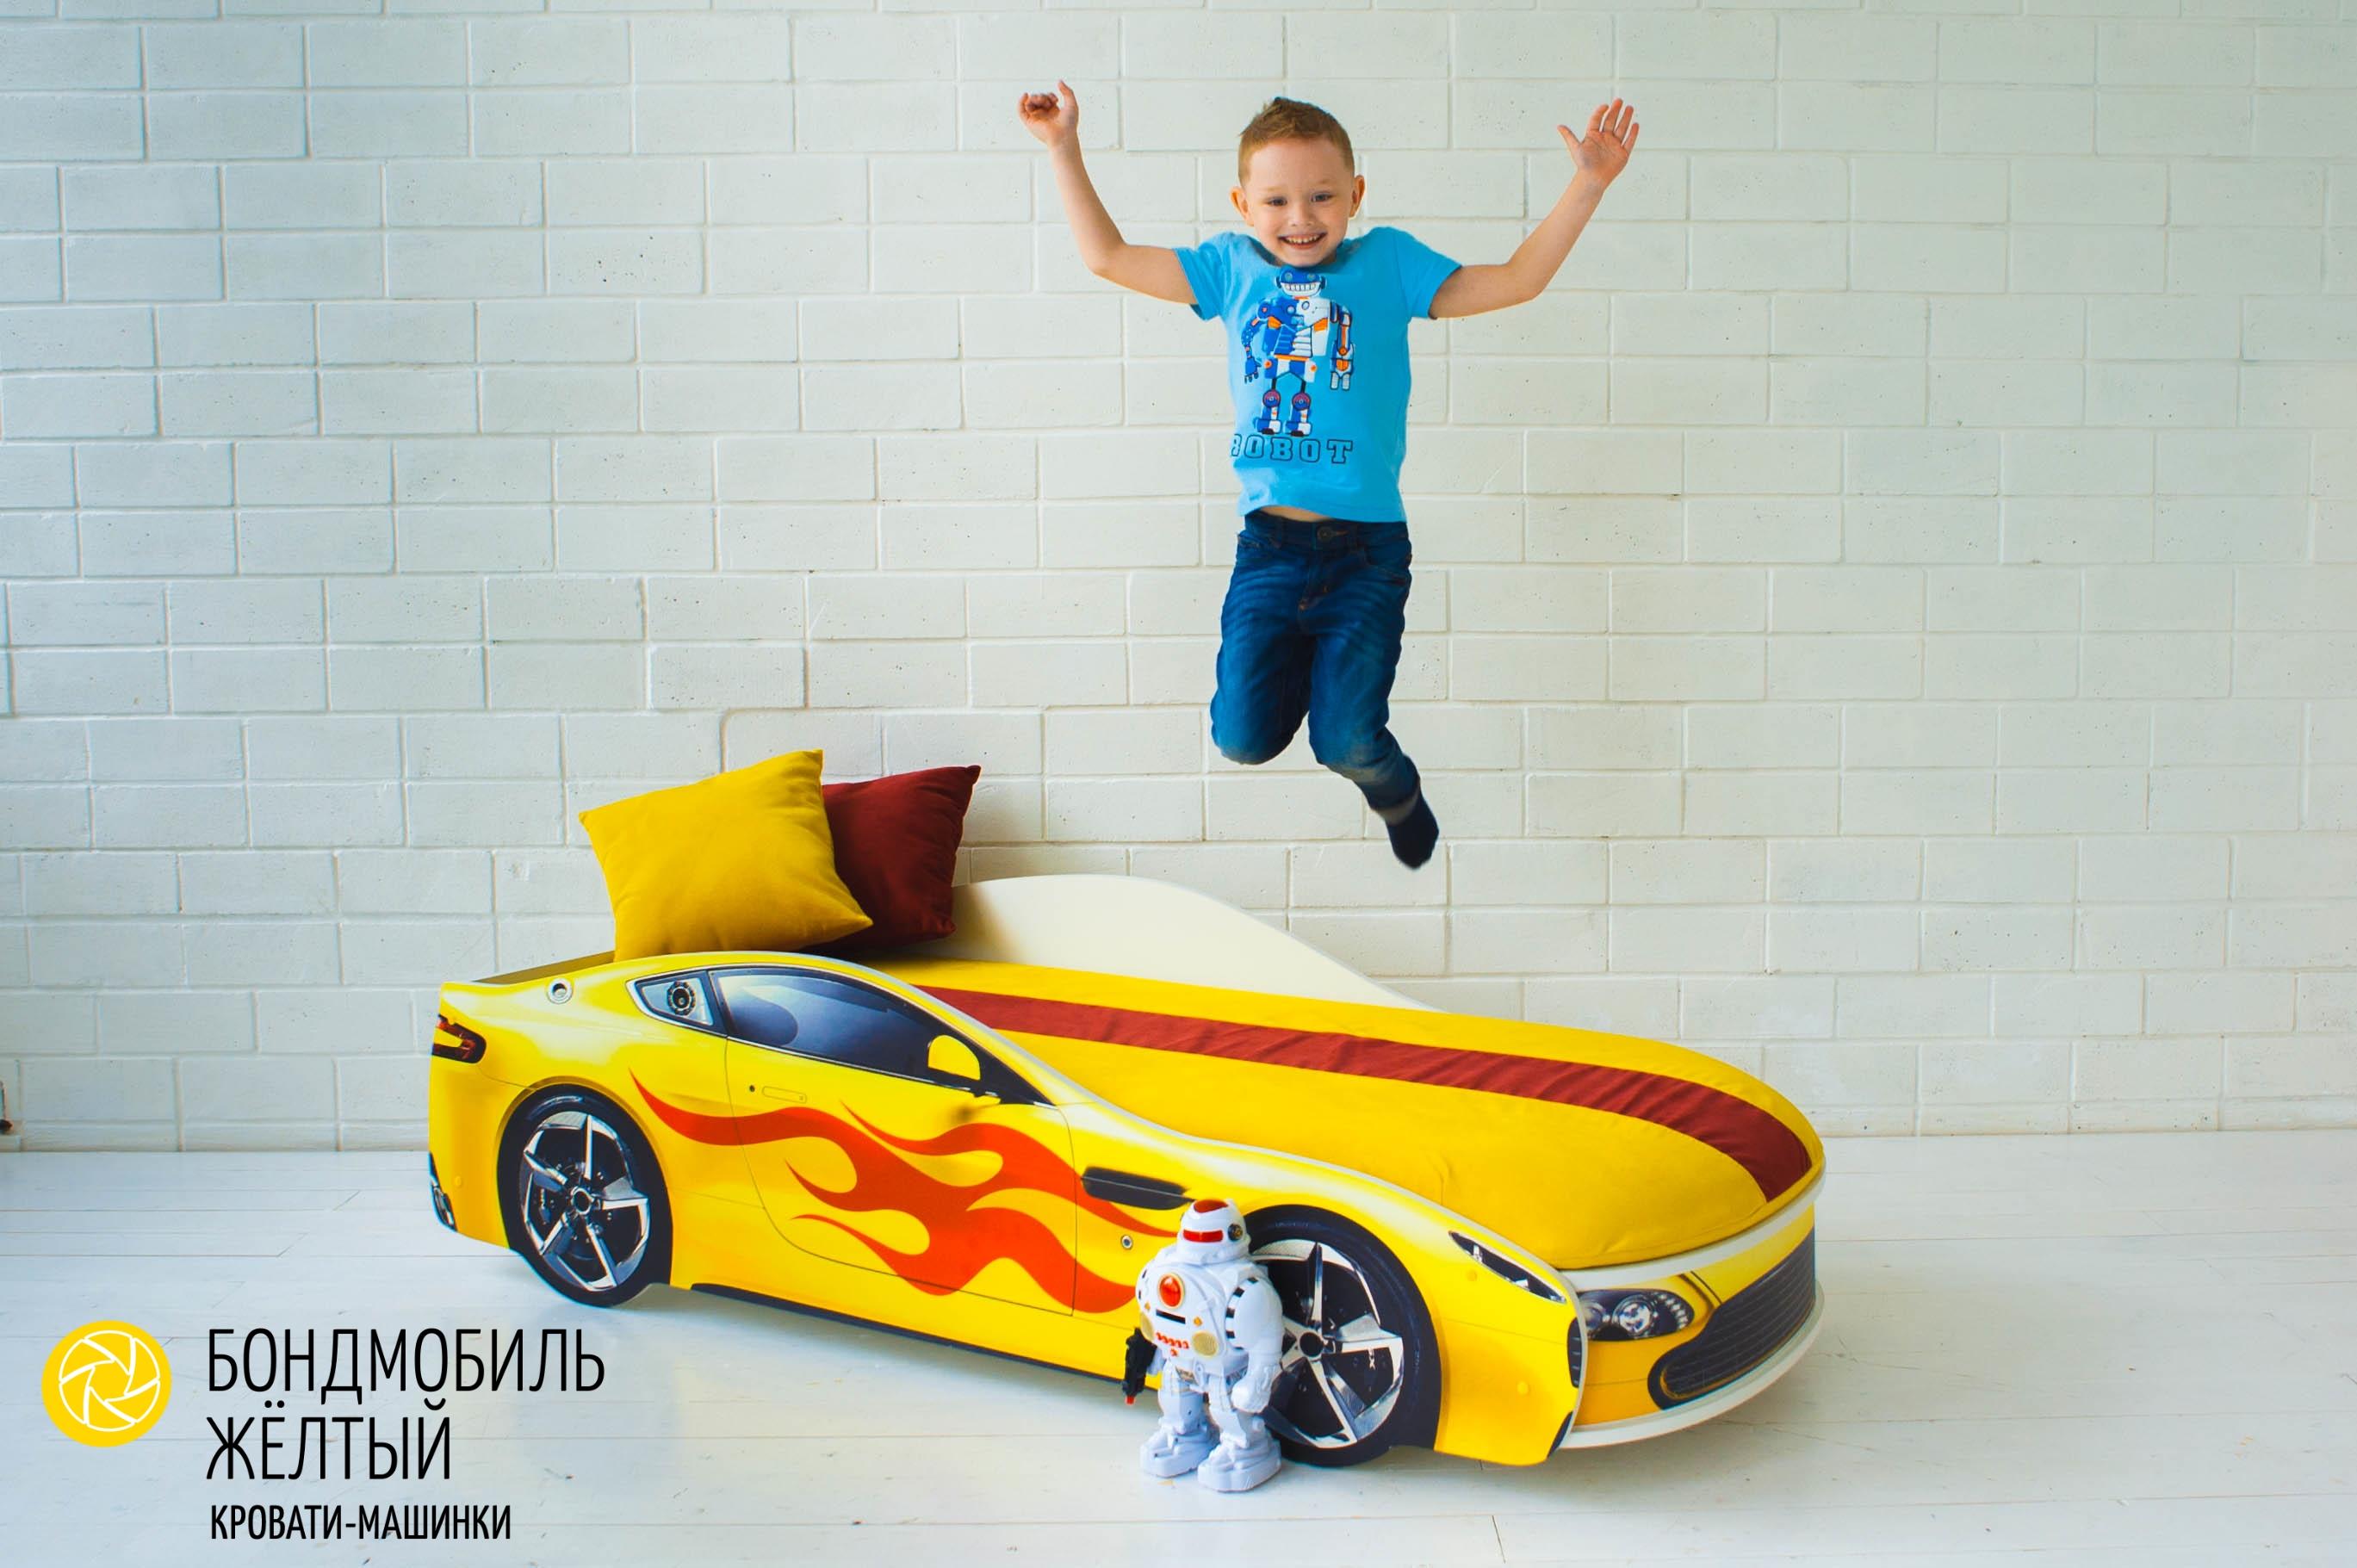 Детская кровать-машина желтый -Бондмобиль-3